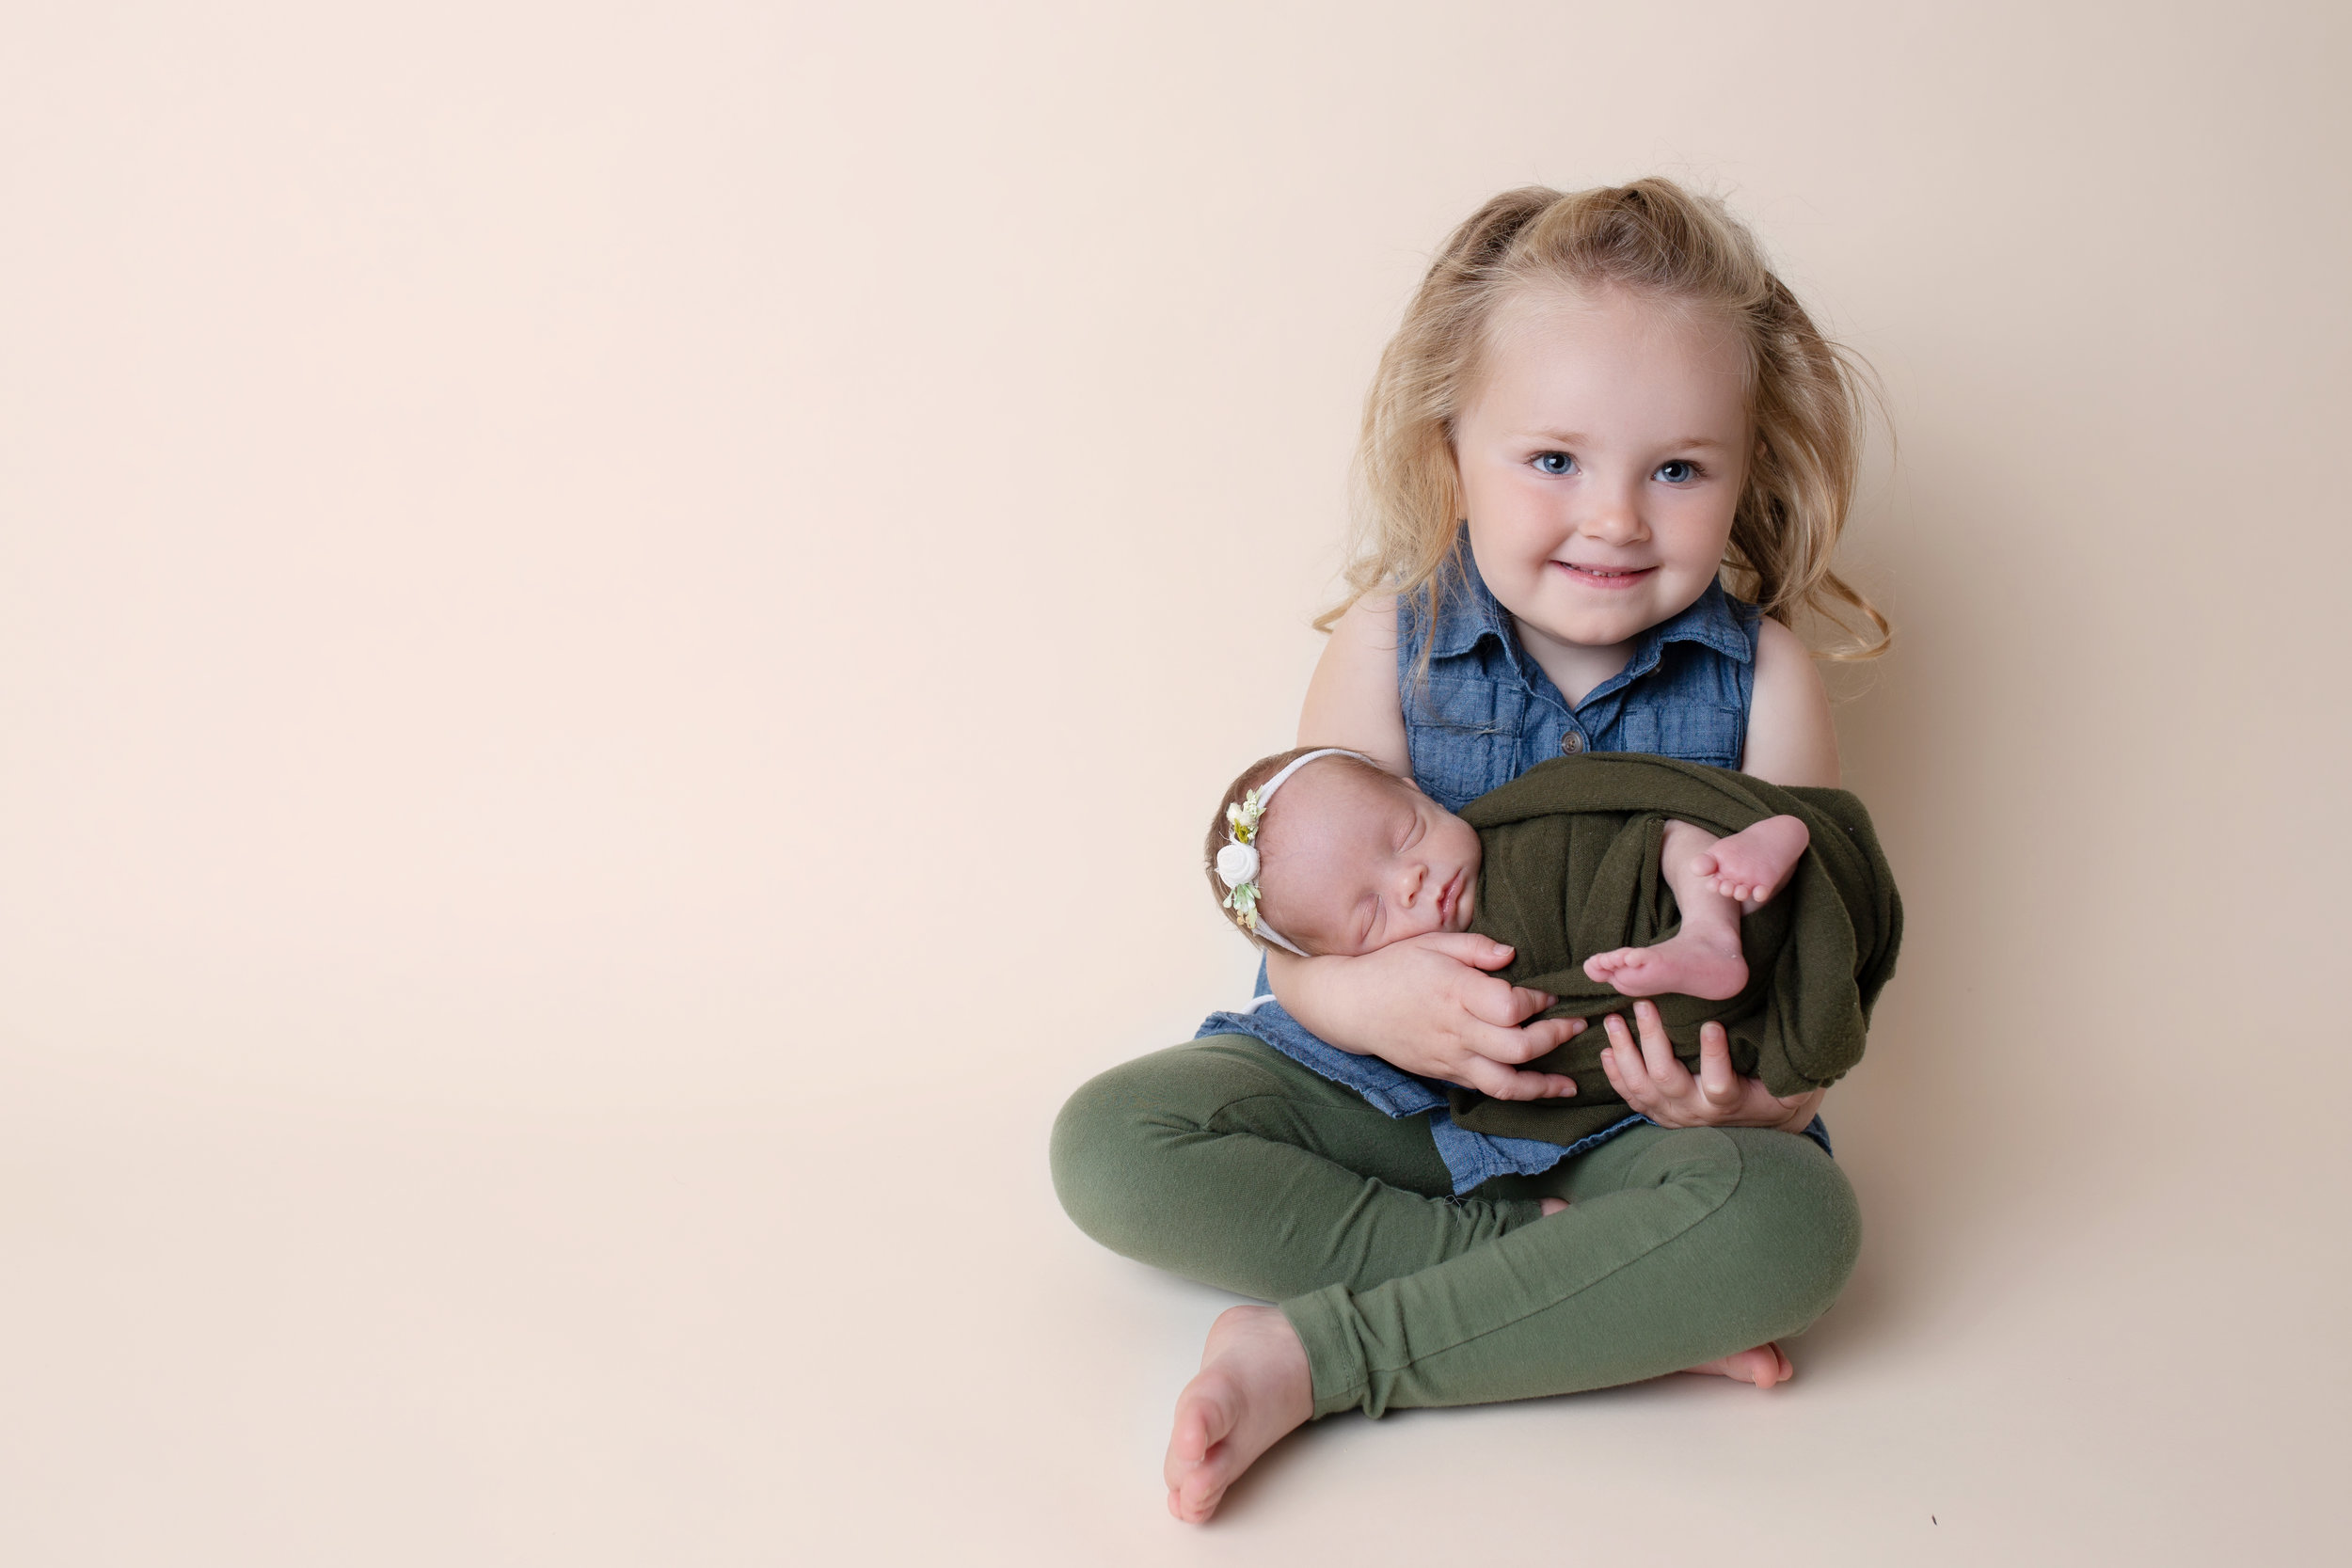 anchorage-newborn-photographer-12.jpg